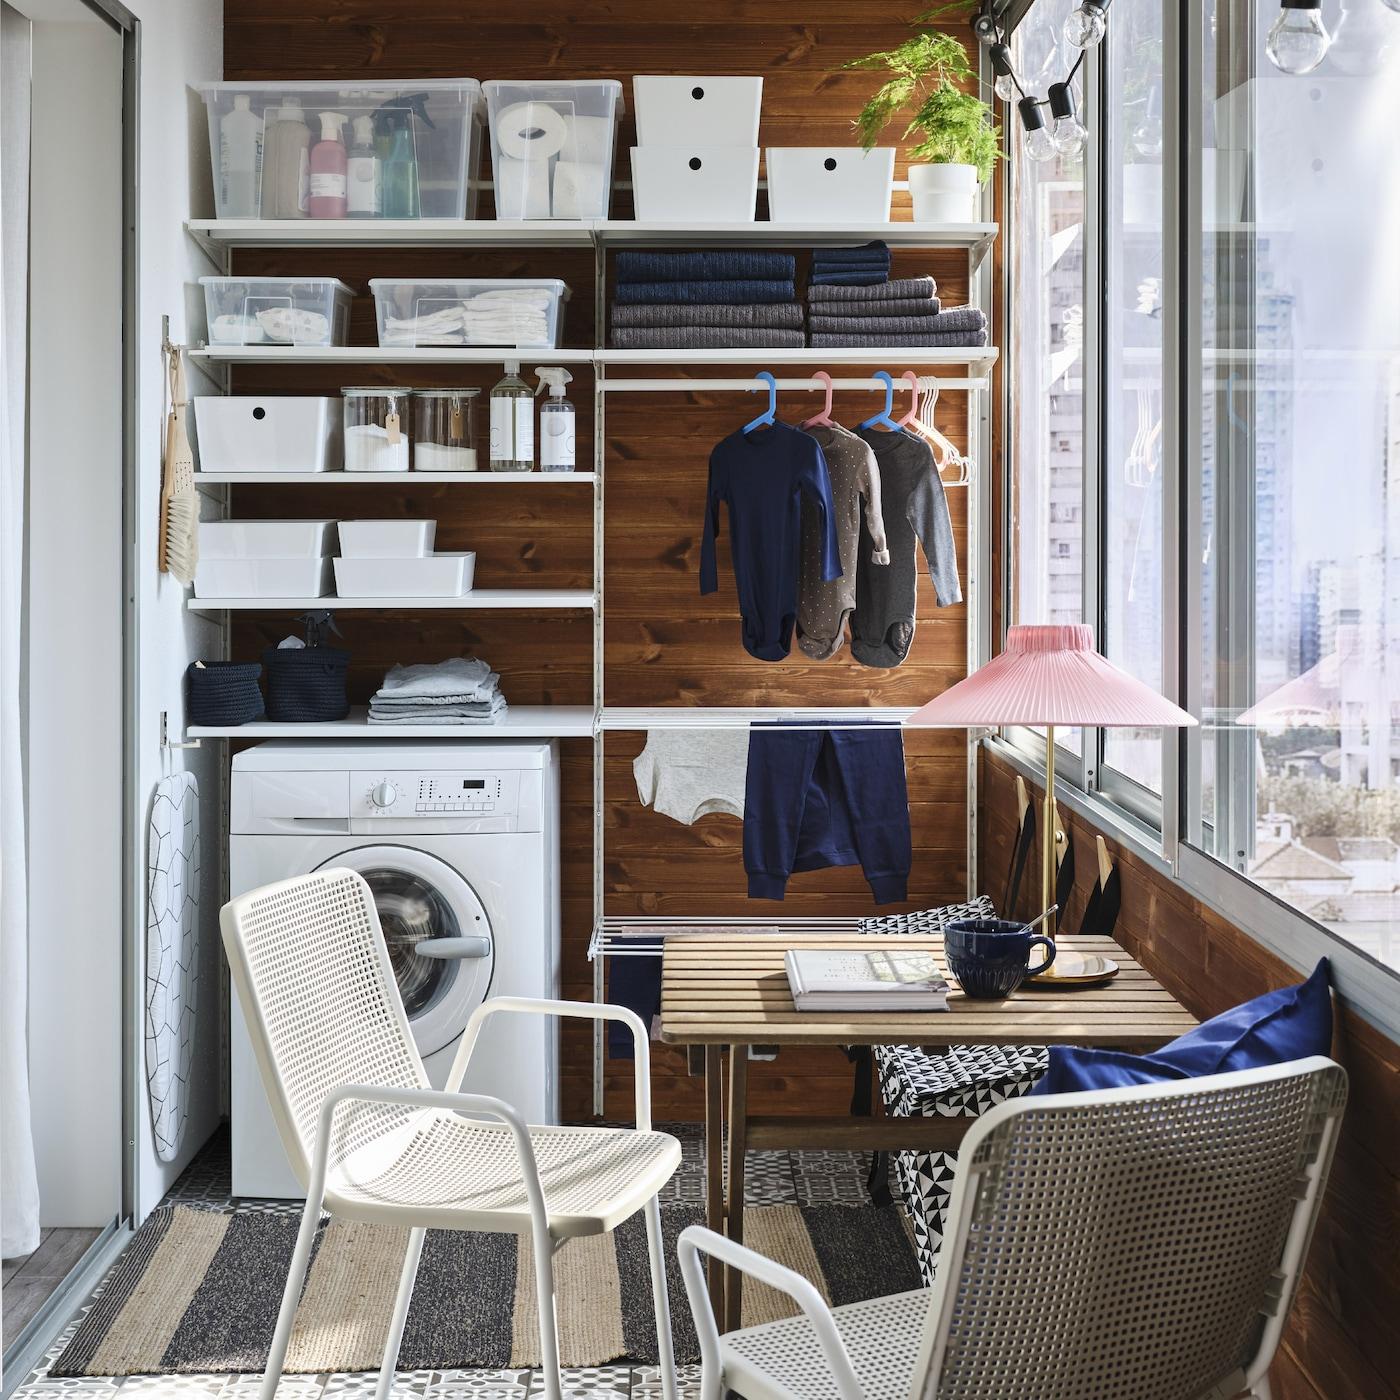 Kis erkély, fehér tárolórendszerrel a mosáshoz, mosógép, kis kültéri asztal és két fehér/bézs szék.